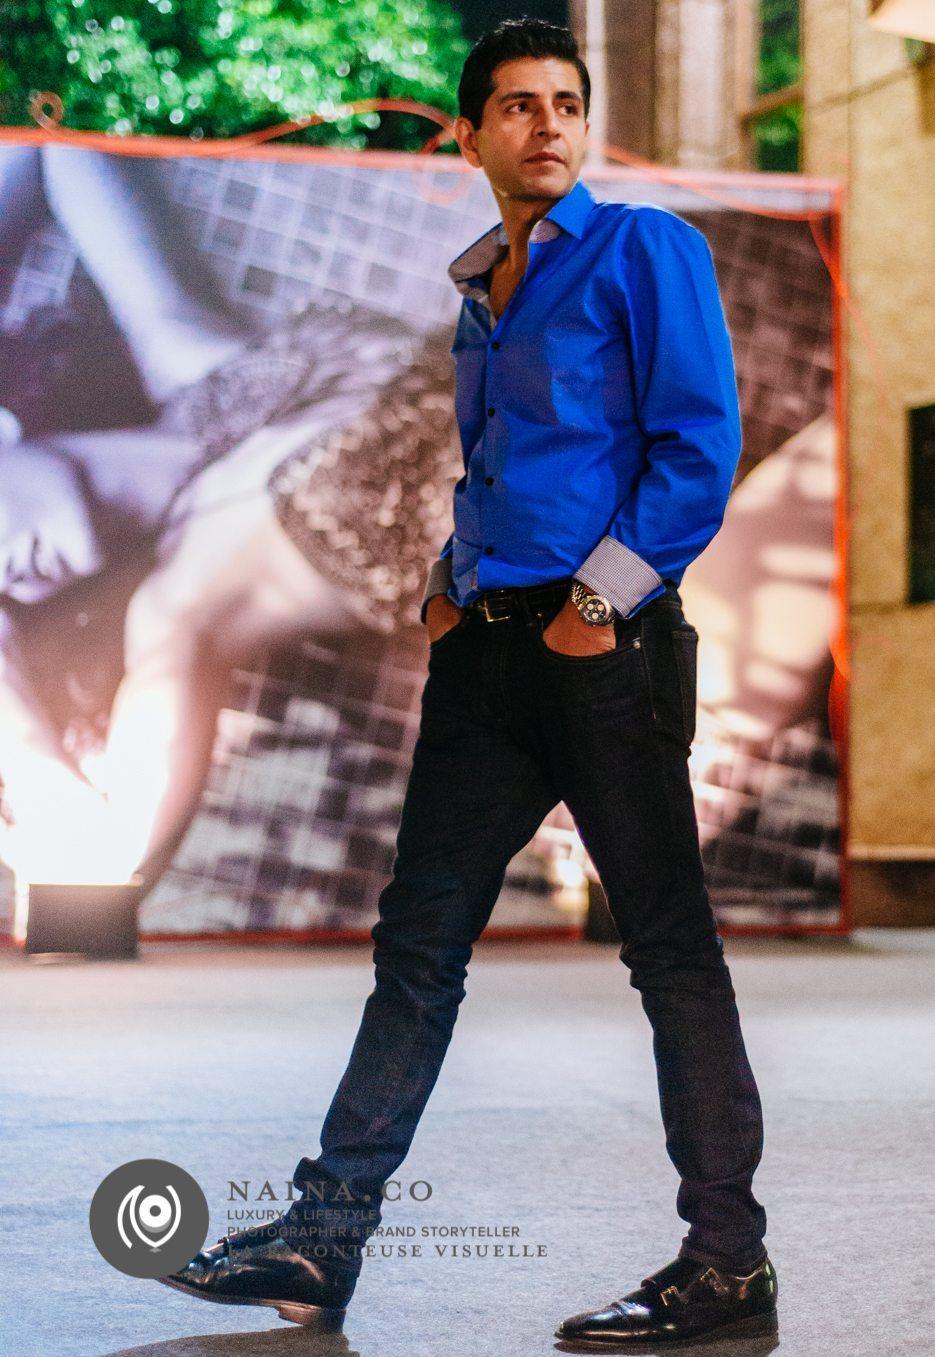 Naina.co-Photographer-Raconteuse-Storyteller-Luxury-Lifestyle-October-2014-Street-Style-WIFWSS15-FDCI-Day01-EyesForFashion-40